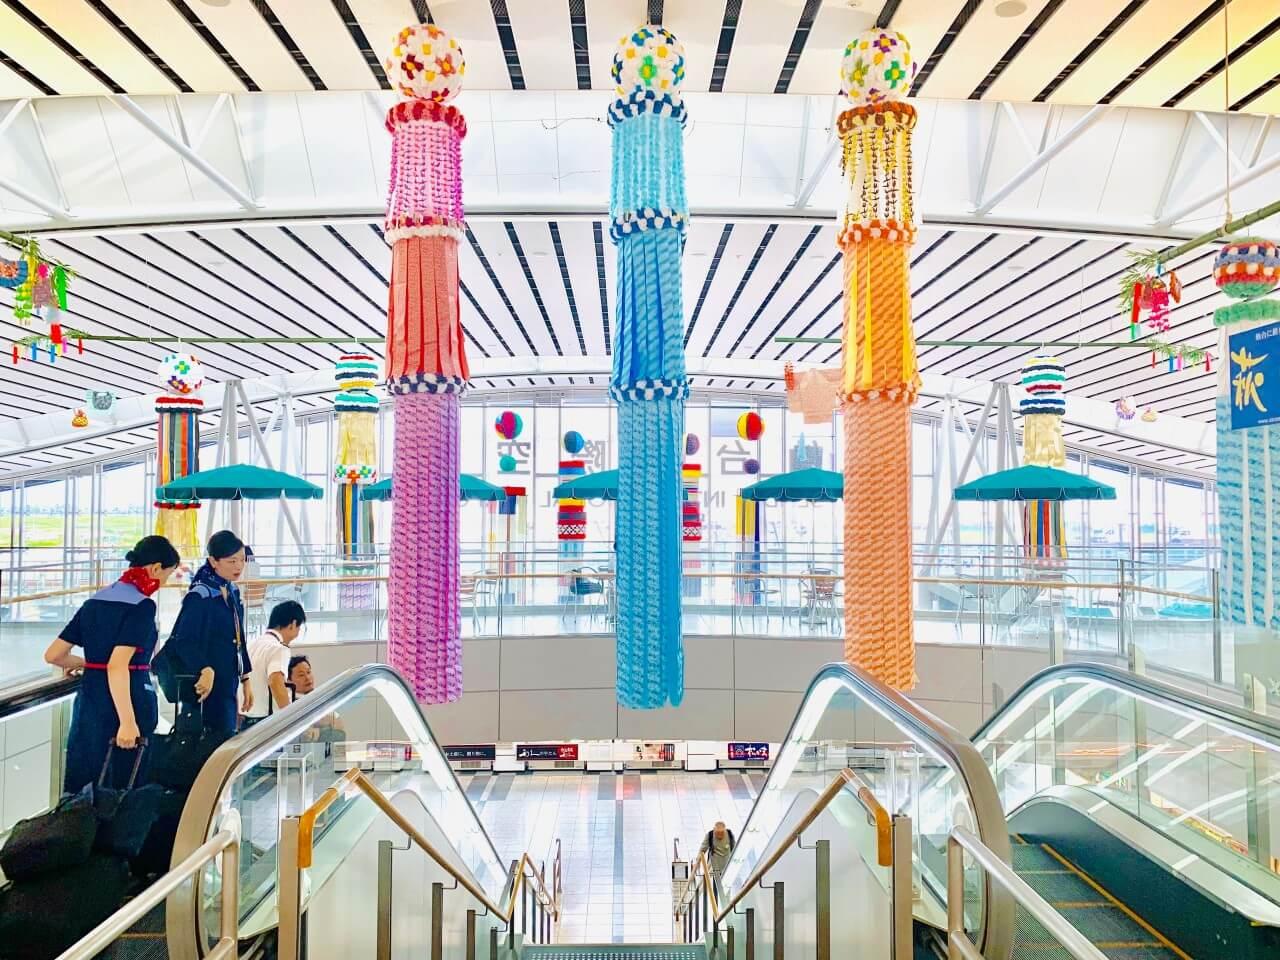 【仙台住宿推薦】仙台車站、青葉通,仙台市區熱門住宿整理